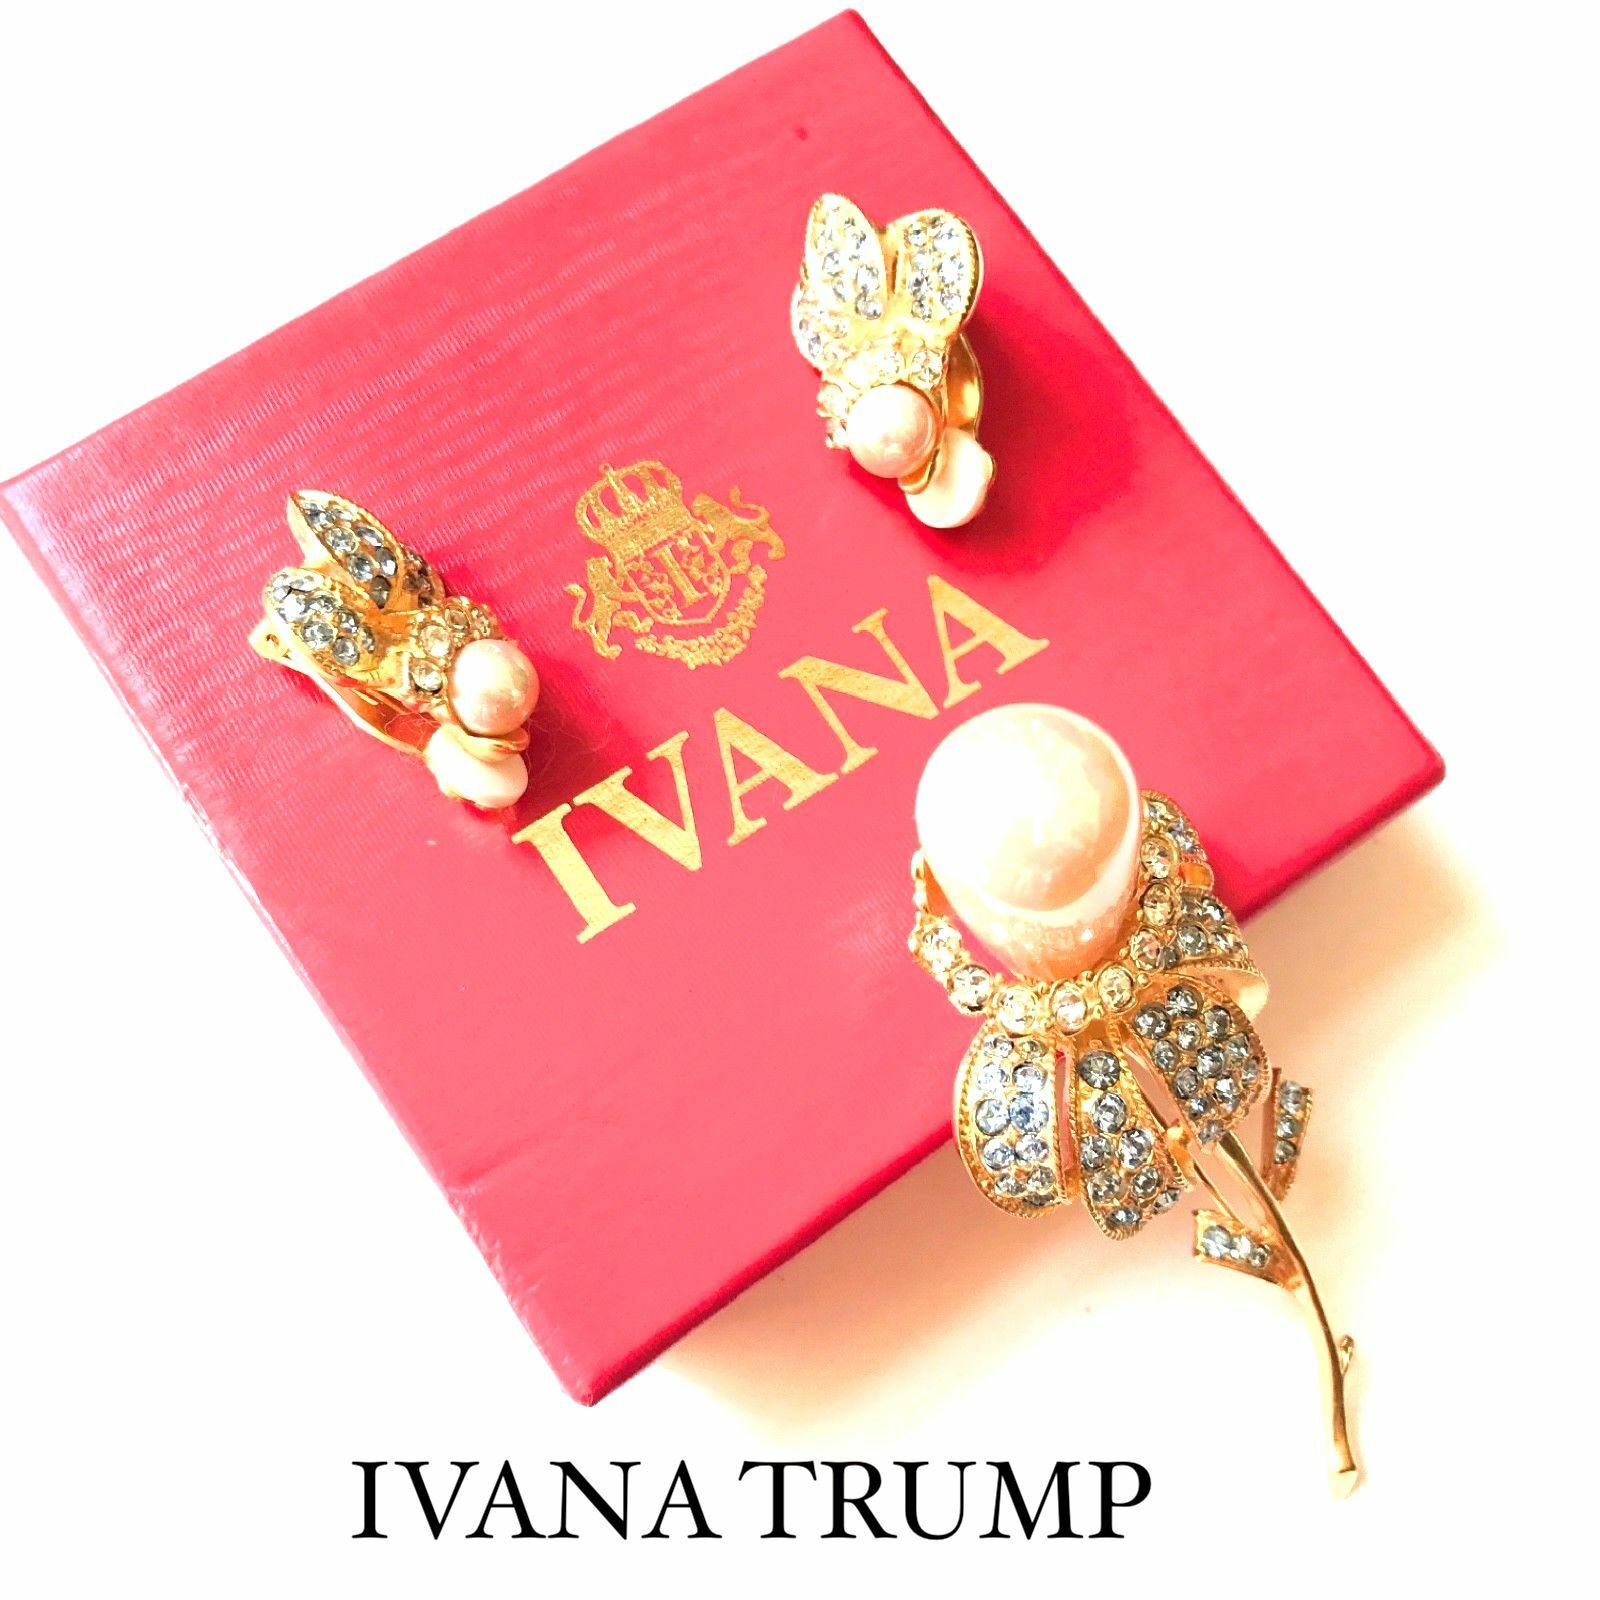 IVANA TRUMP ( DONALD TRUMP ) PEARL AQUAMARINE CRYSTAL  gold EARRINGS BROOCH PIN